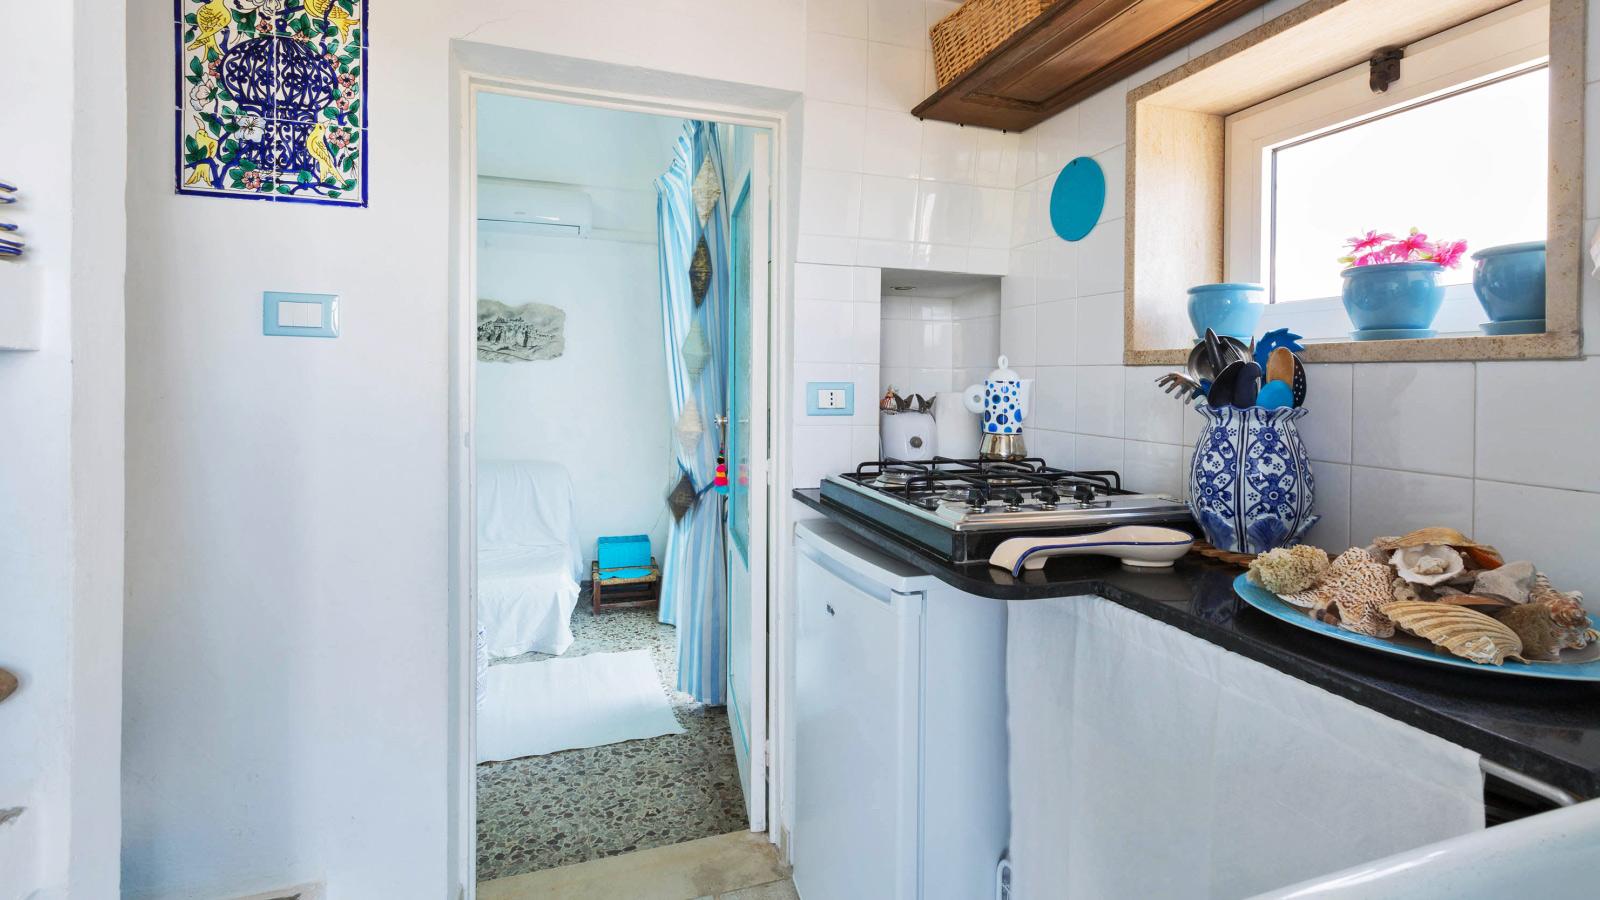 vacanze ostuni casa lorenzo cucina